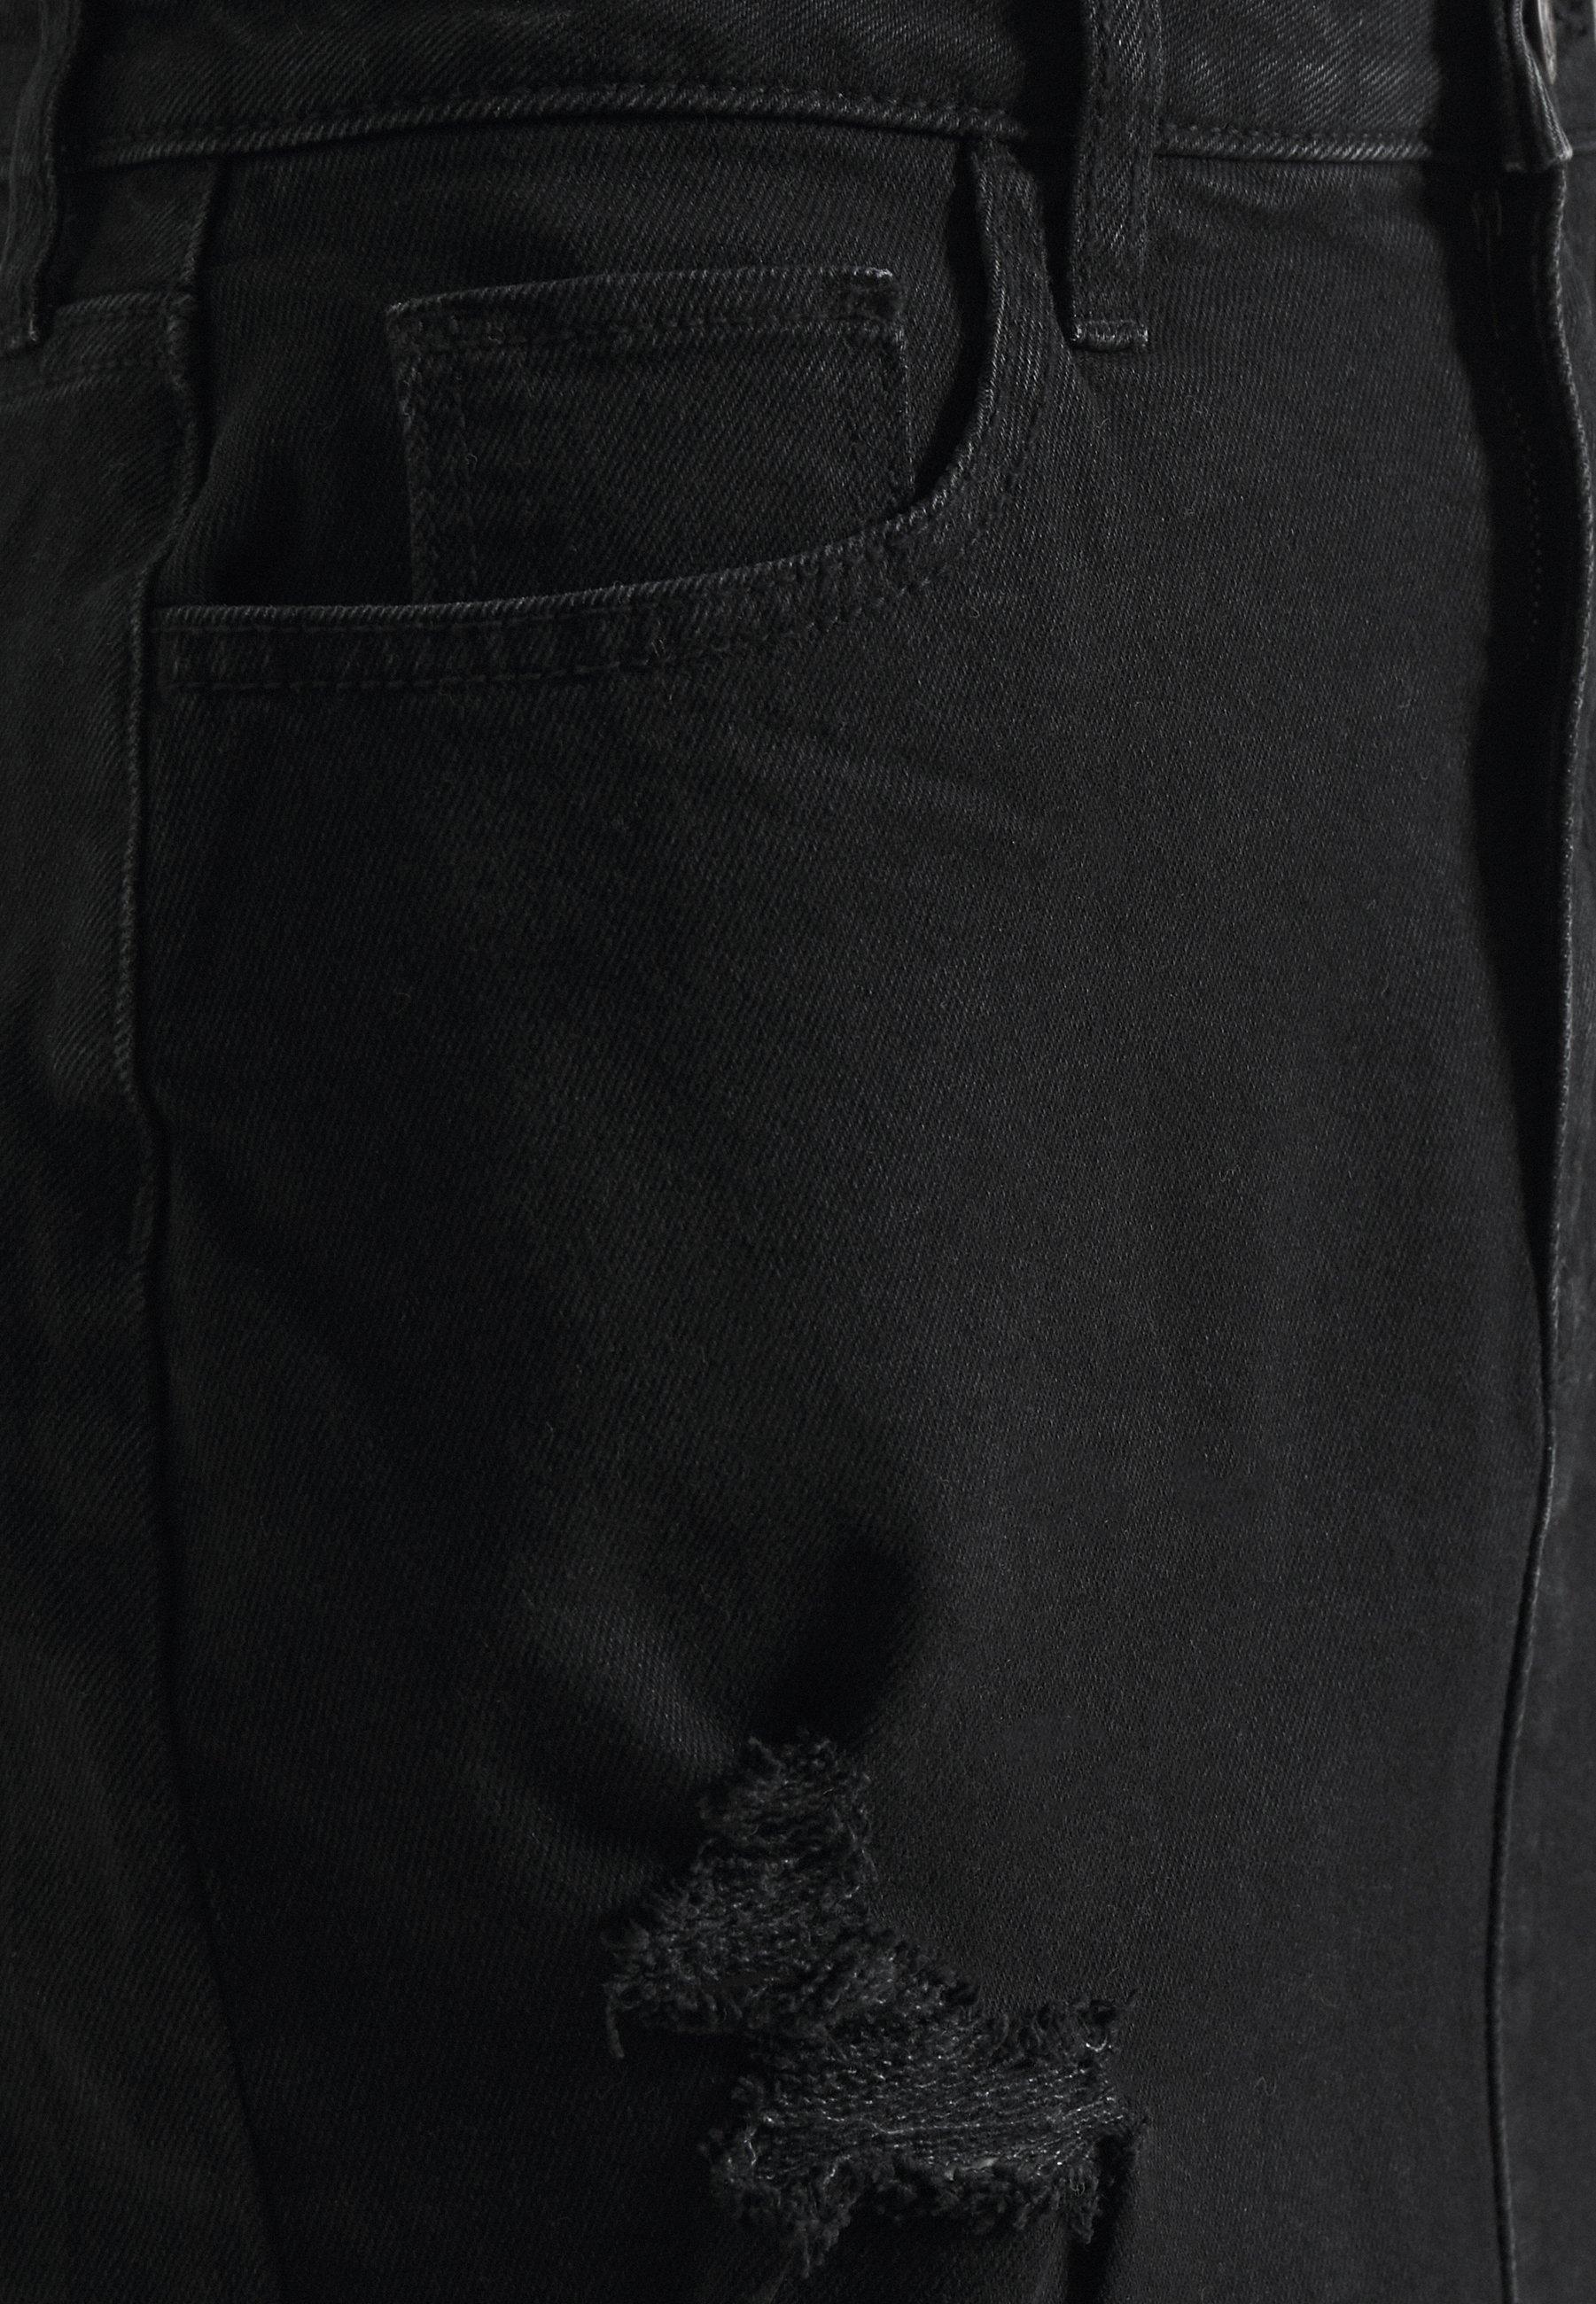 Hollister Co. Curvy Destroy - Minigonna Black ADOwZ